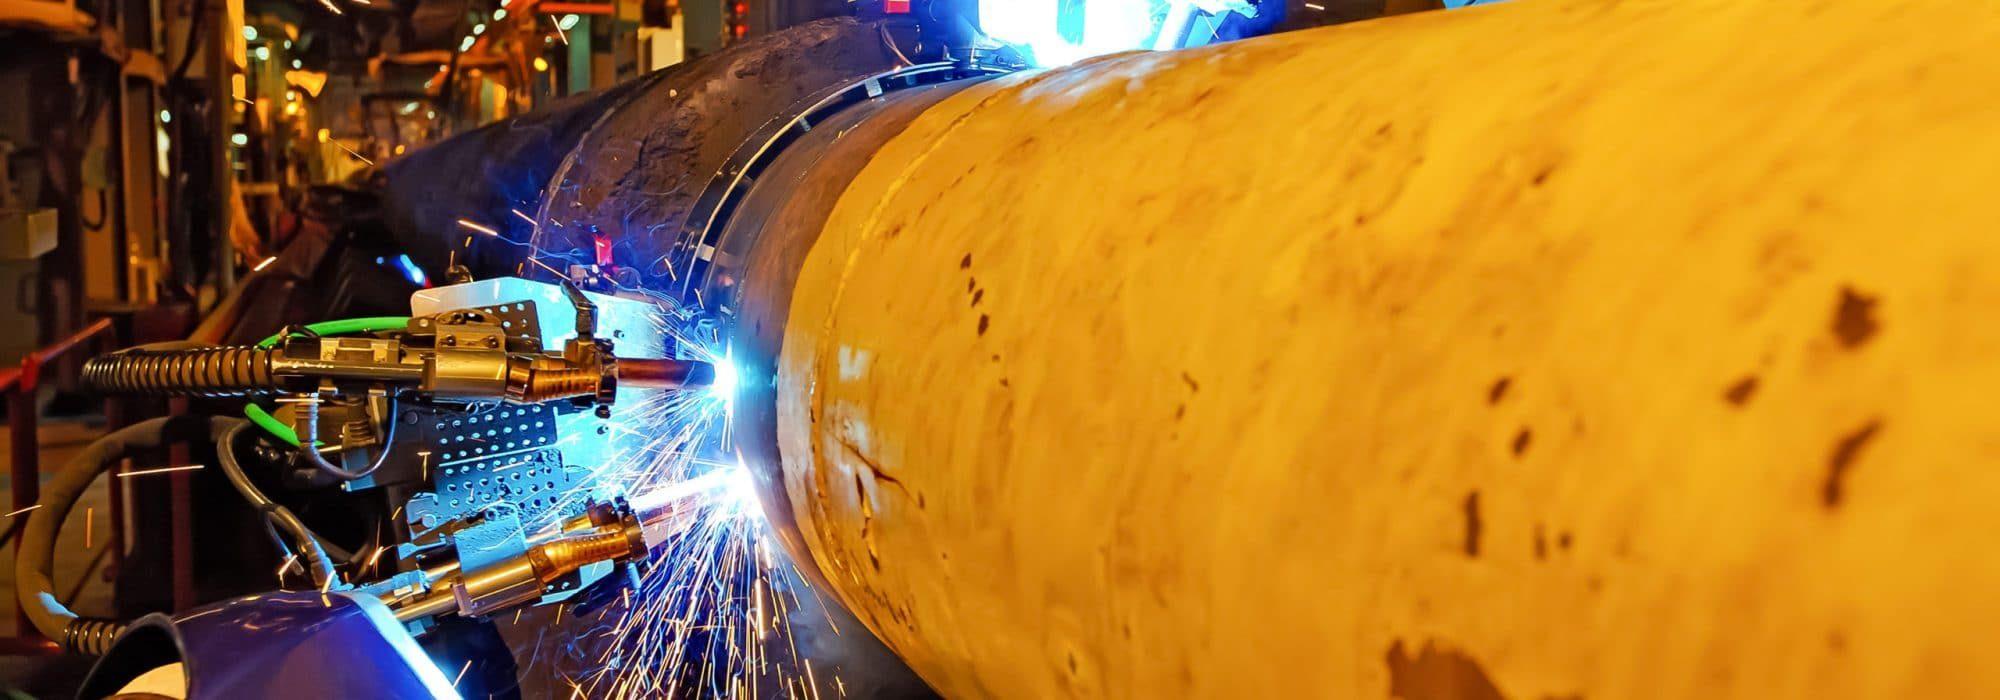 shutterstock_393069091-scaled-op11busz9n90t6avfqdr2kpihvy256bs86tcvlzzh4